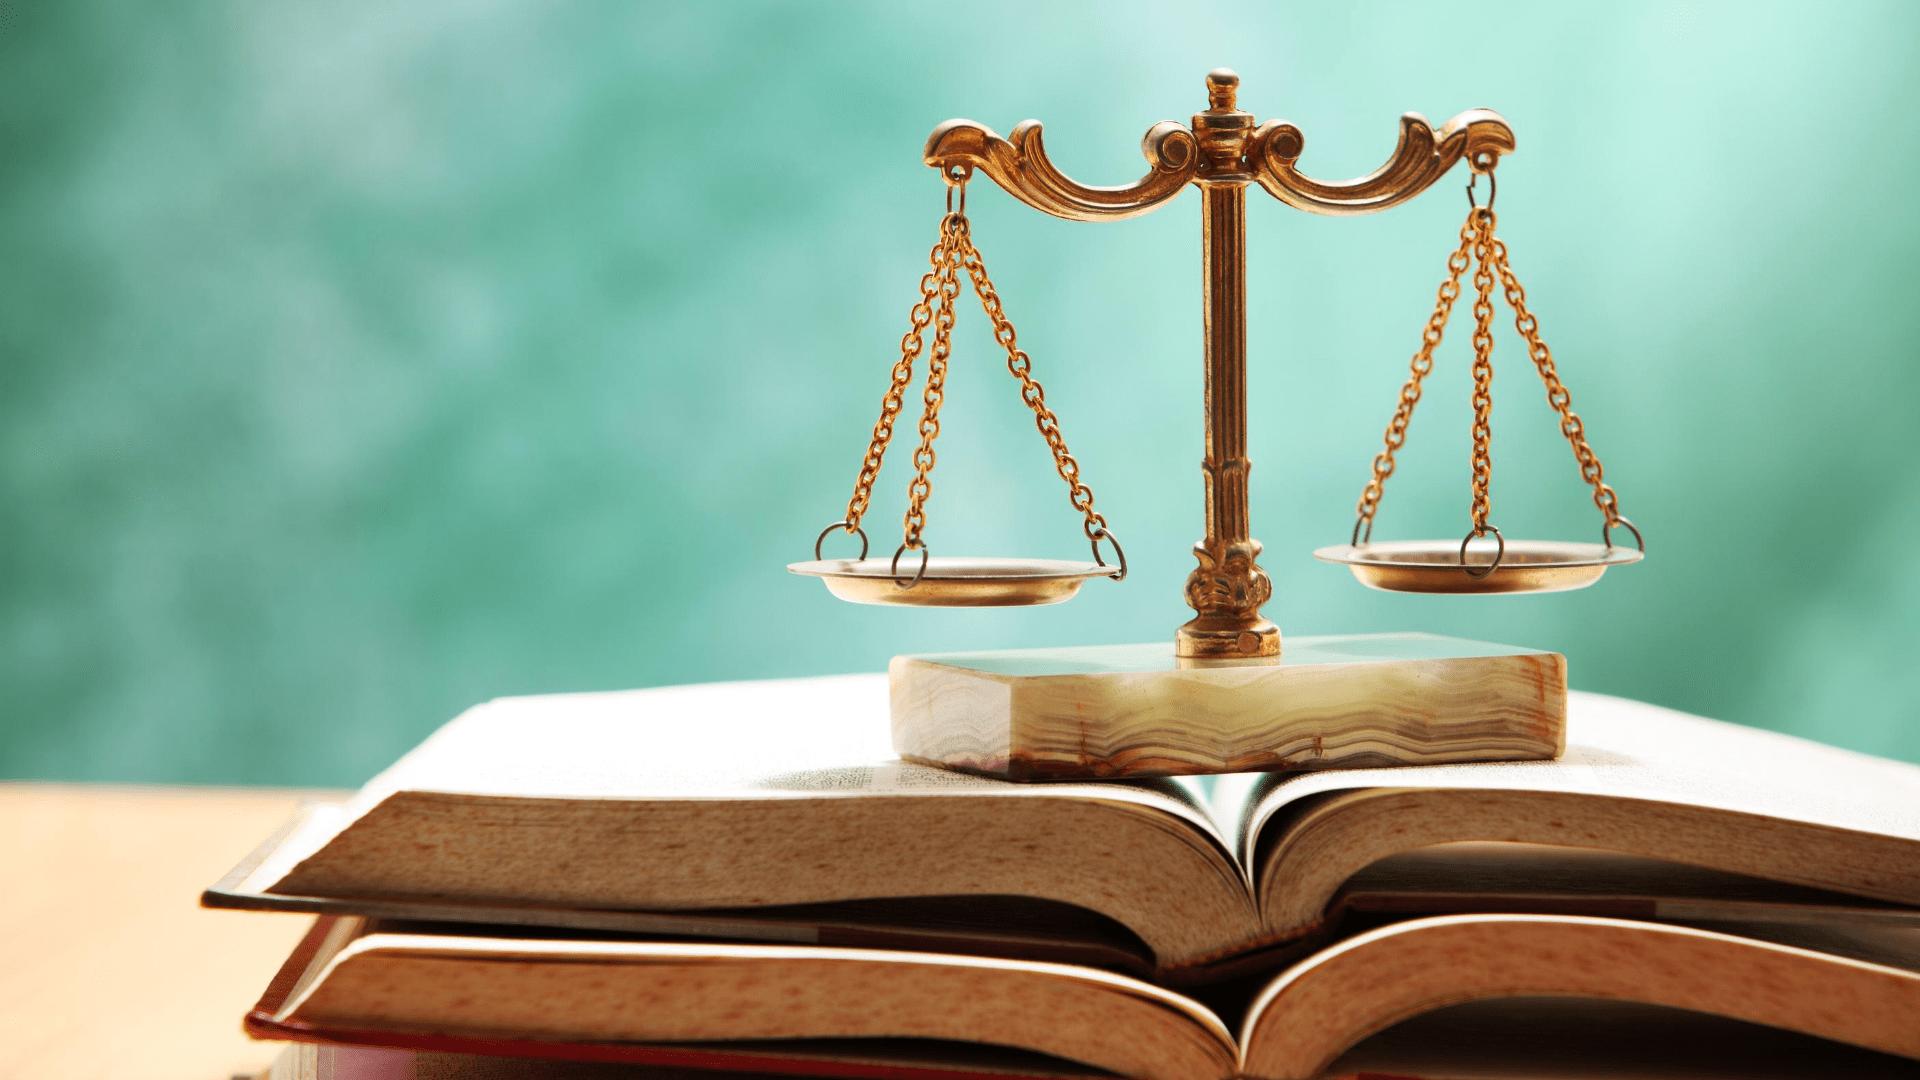 Le nullità di protezione e la nullità selettiva nei contratti asimmetrici: tra exceptio doli generalis e abuso del diritto